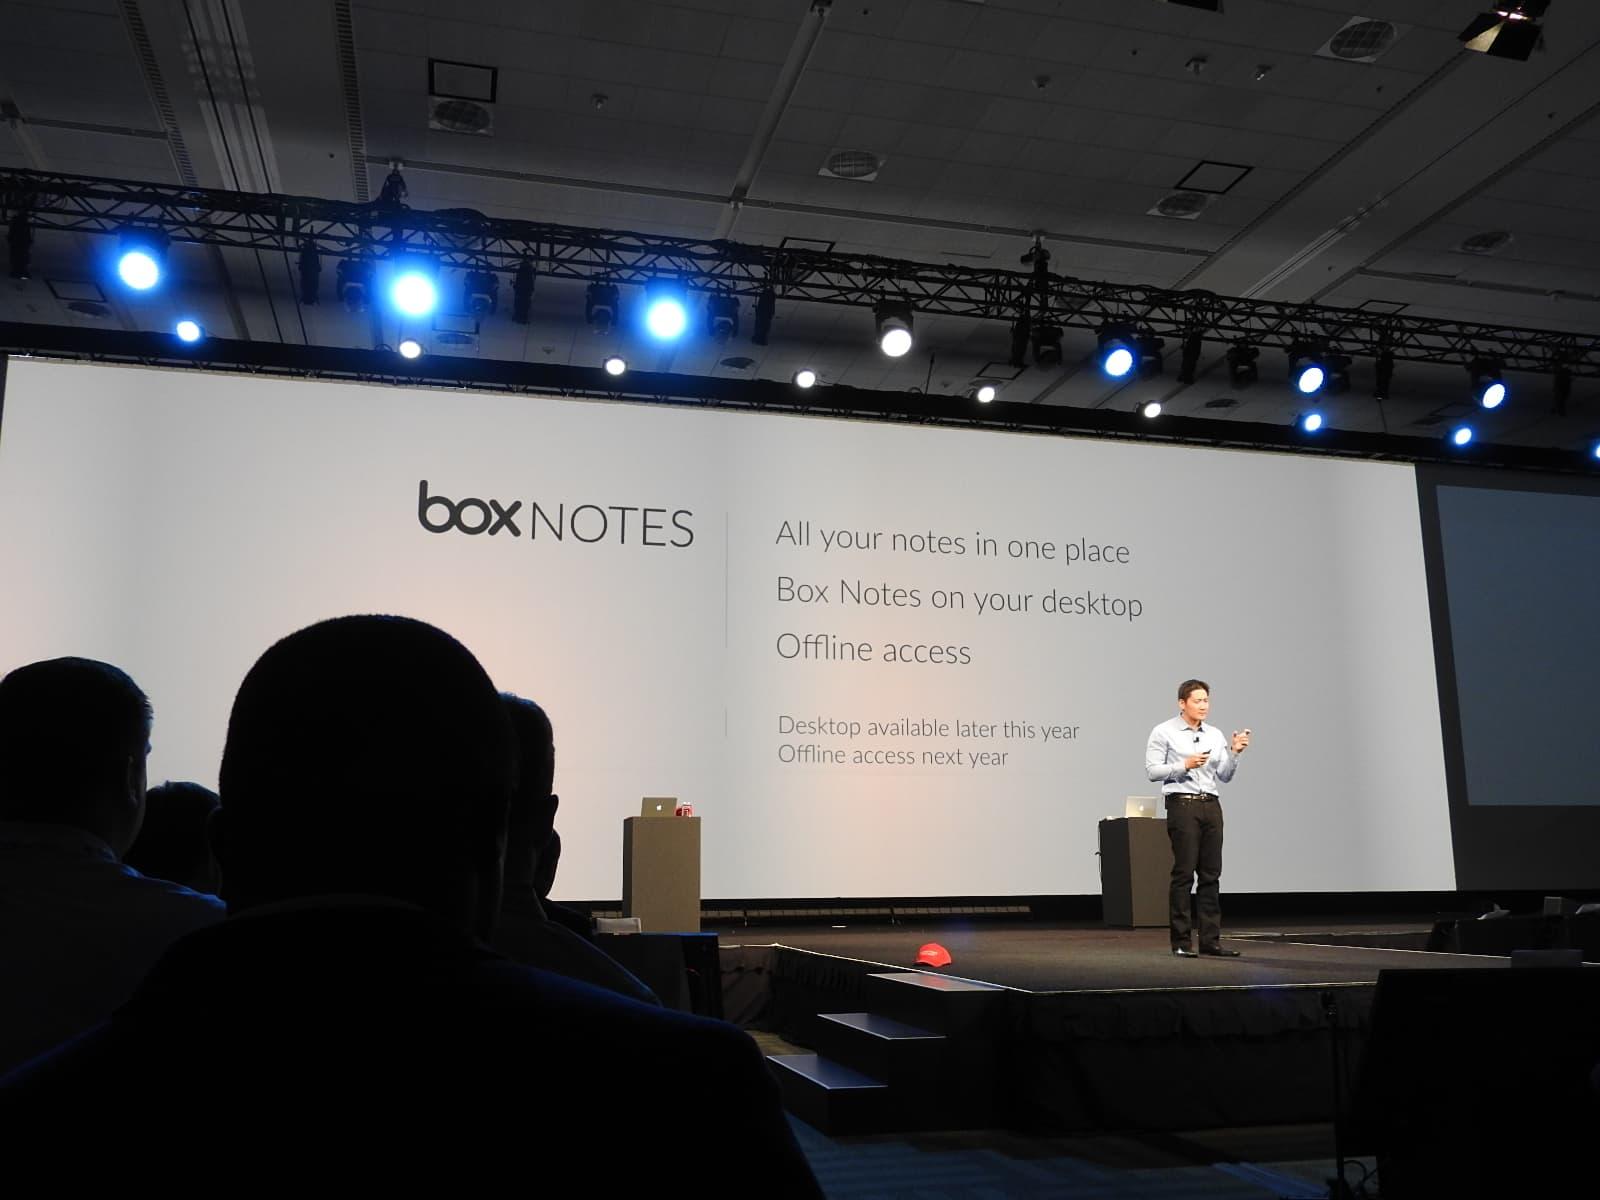 新しい【Box Notes】による次世代のコラボレーション